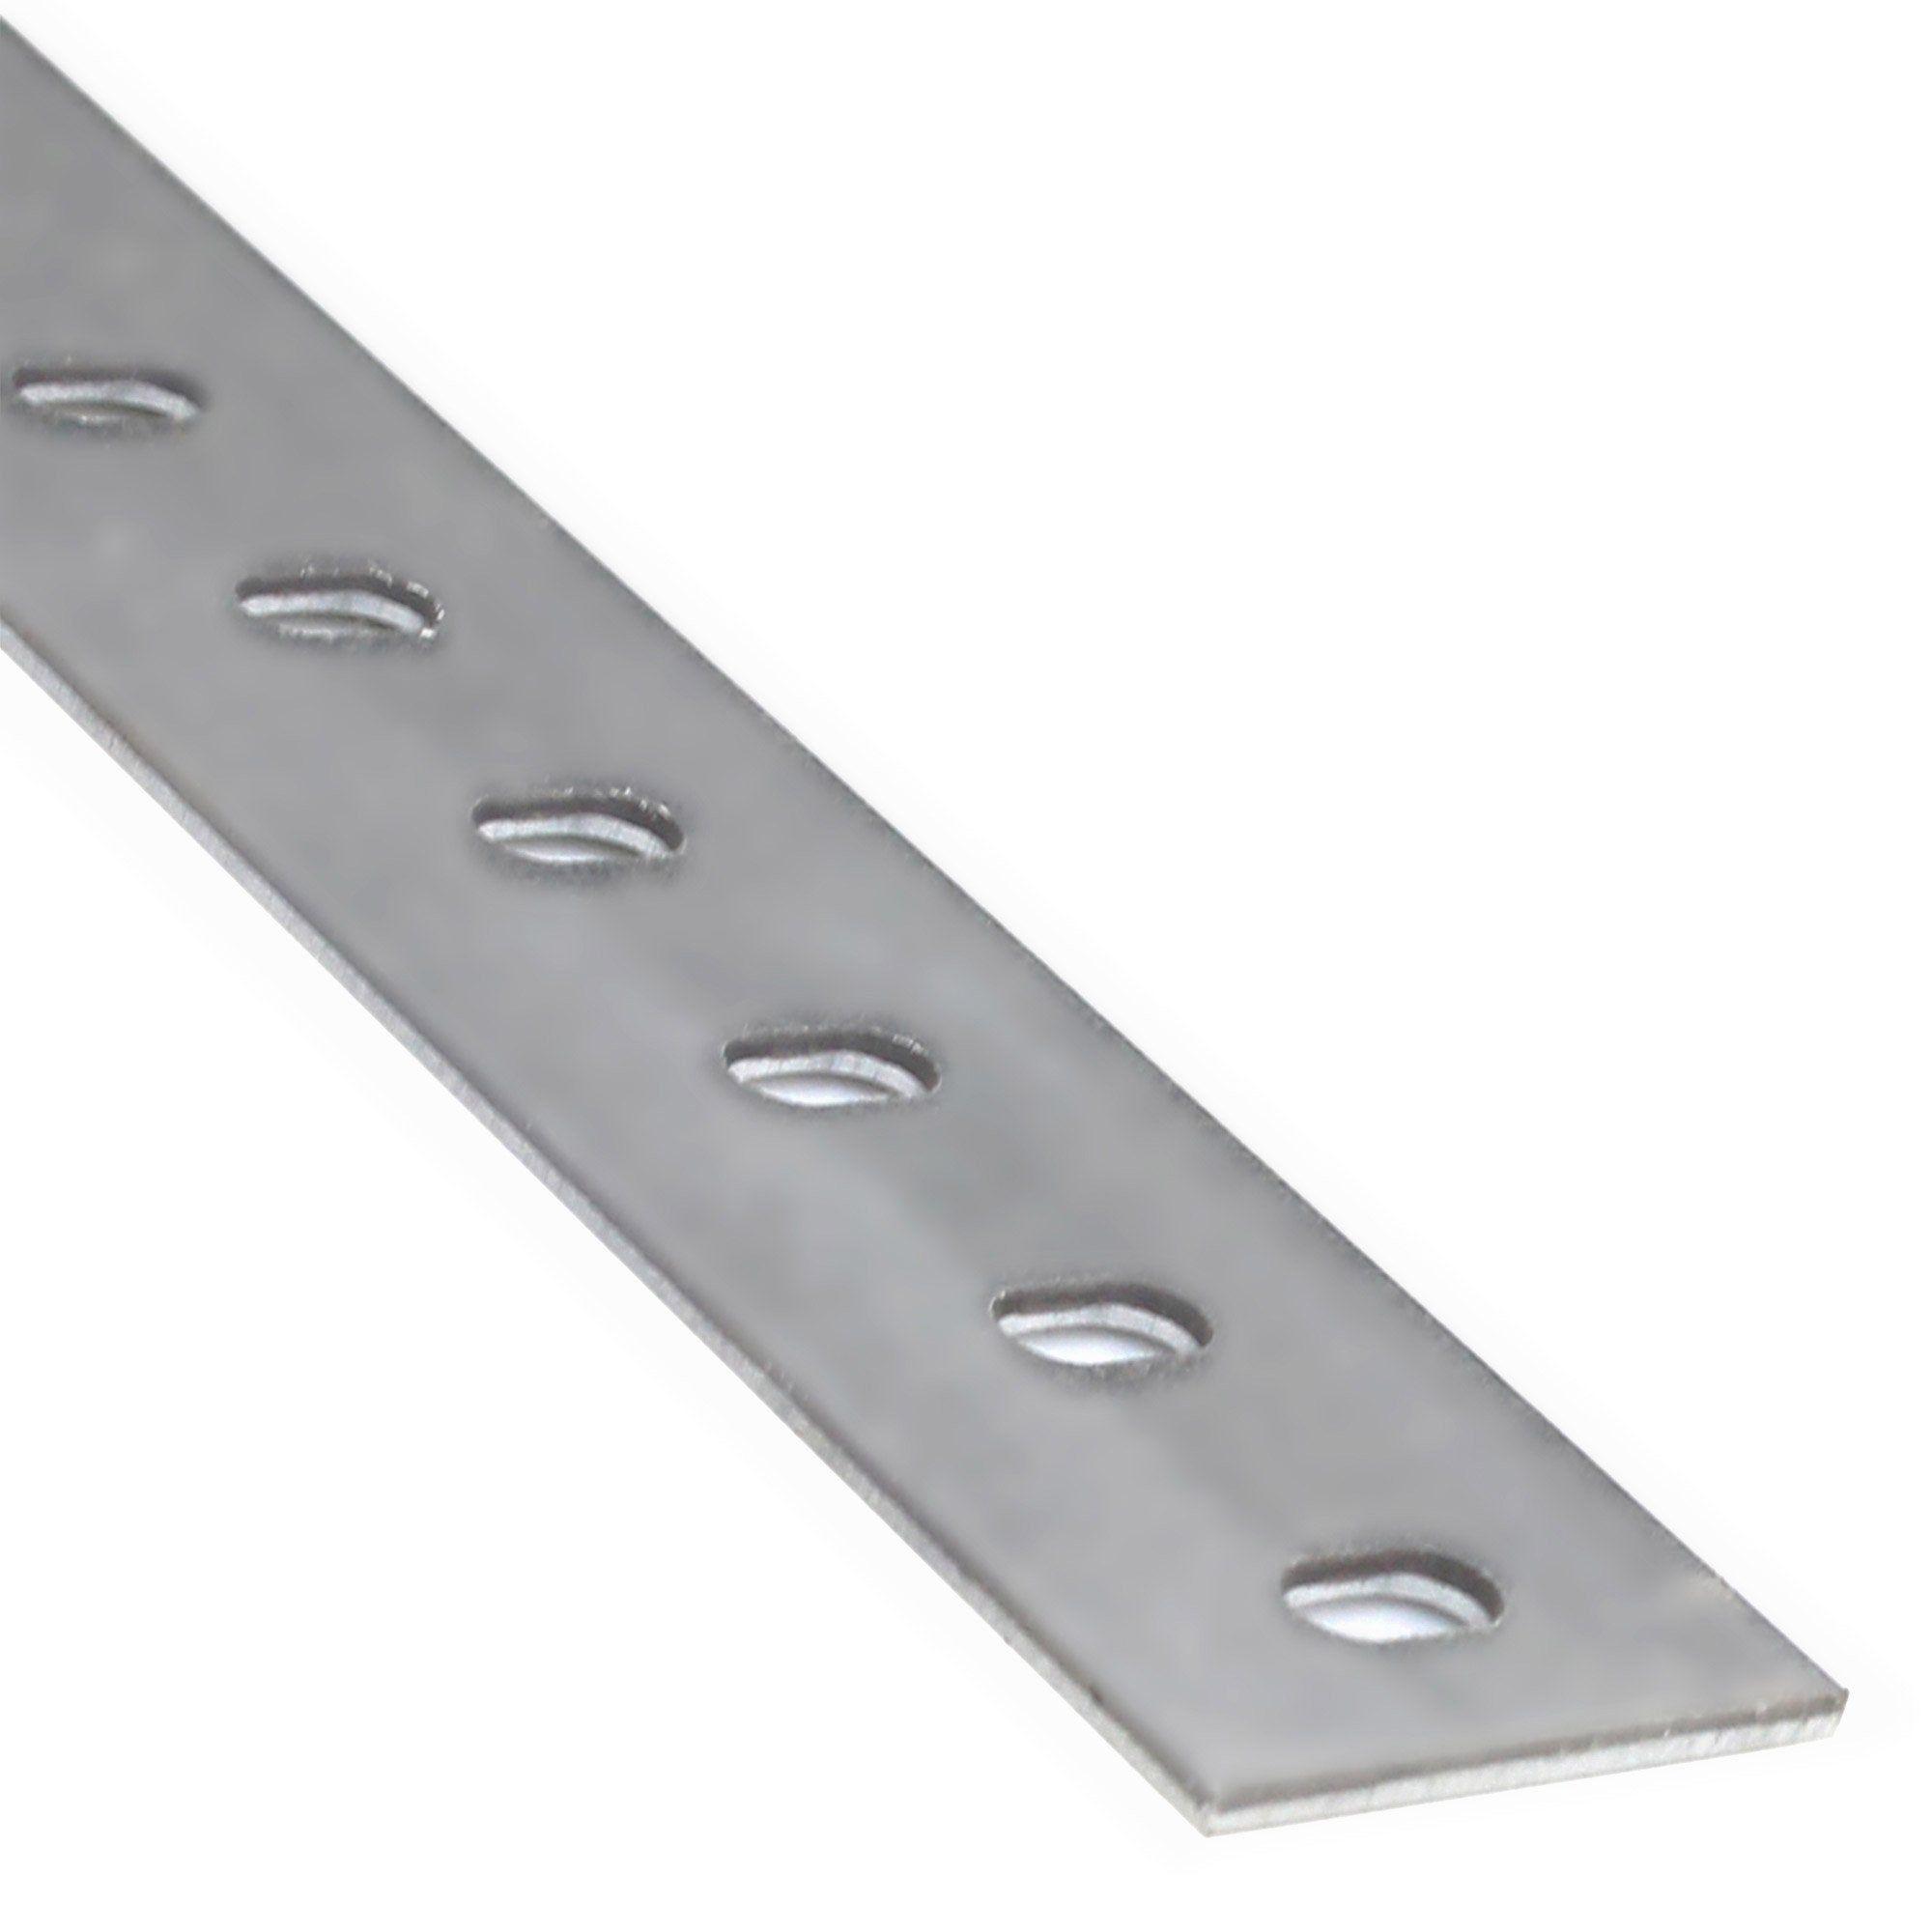 Tole Martele En Aluminium Brut Long 100 Cm X Larg 60 Cm X Ep 0 5 Mm Tole Aluminium Tole Parement Mural